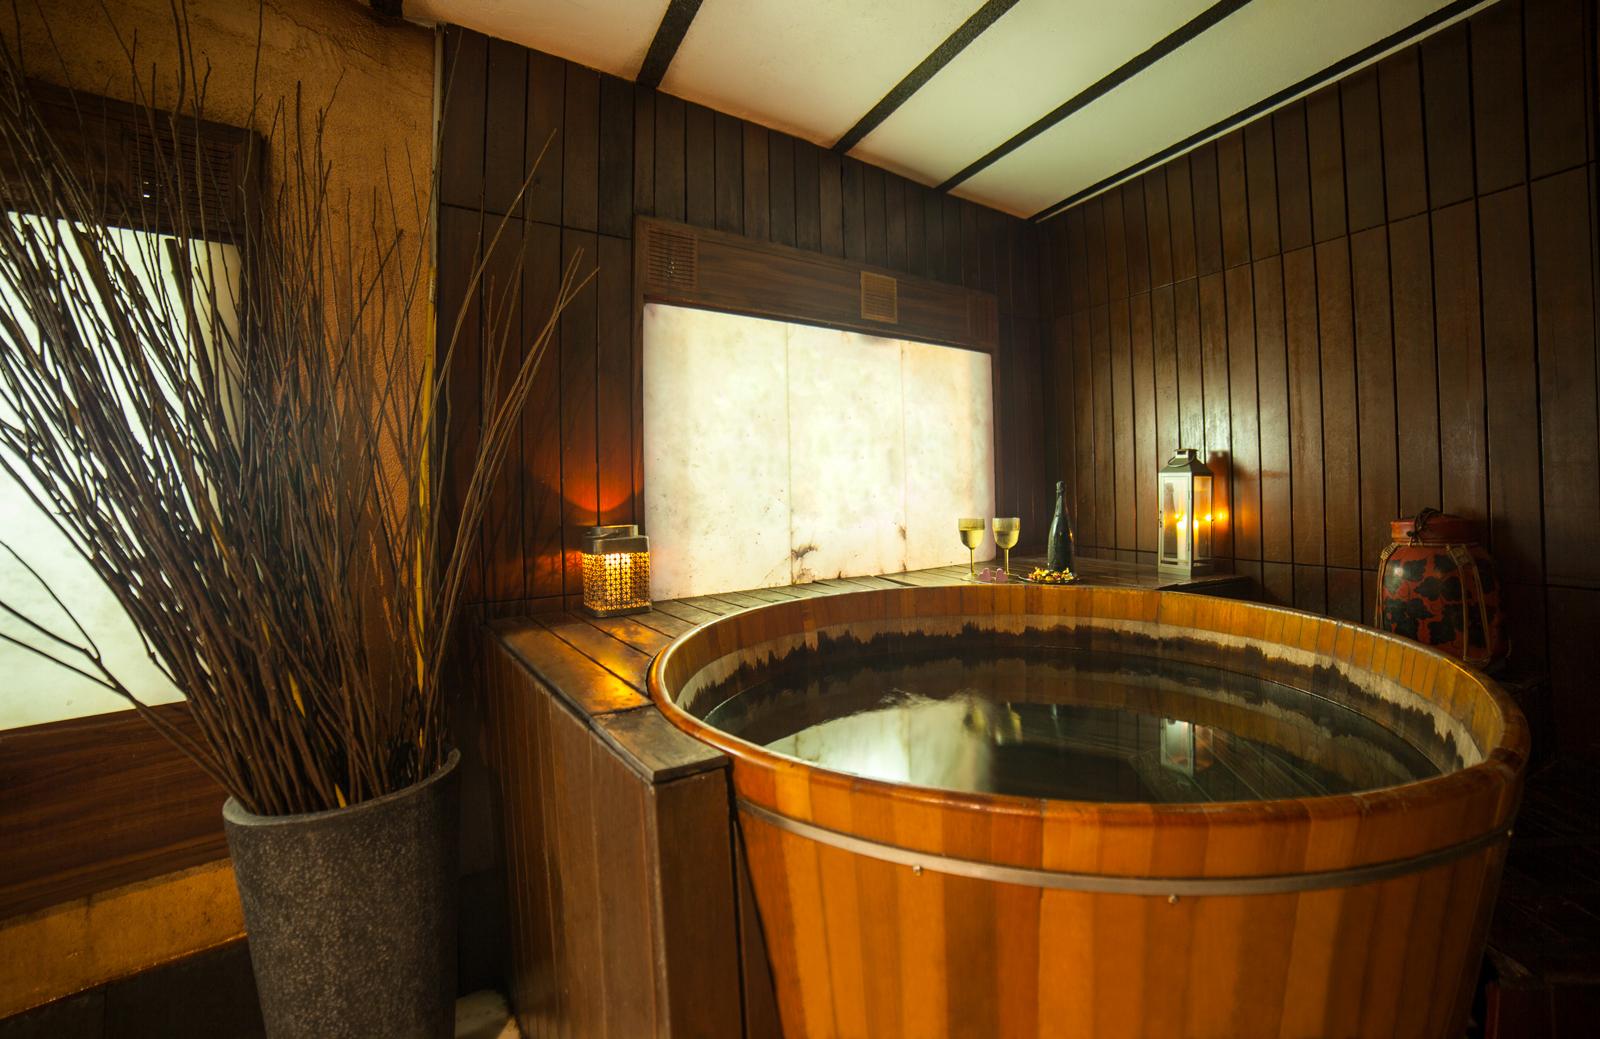 El 'ofuro' es la bañera de agua caliente clásica en el baño japonés © Las Recreativas